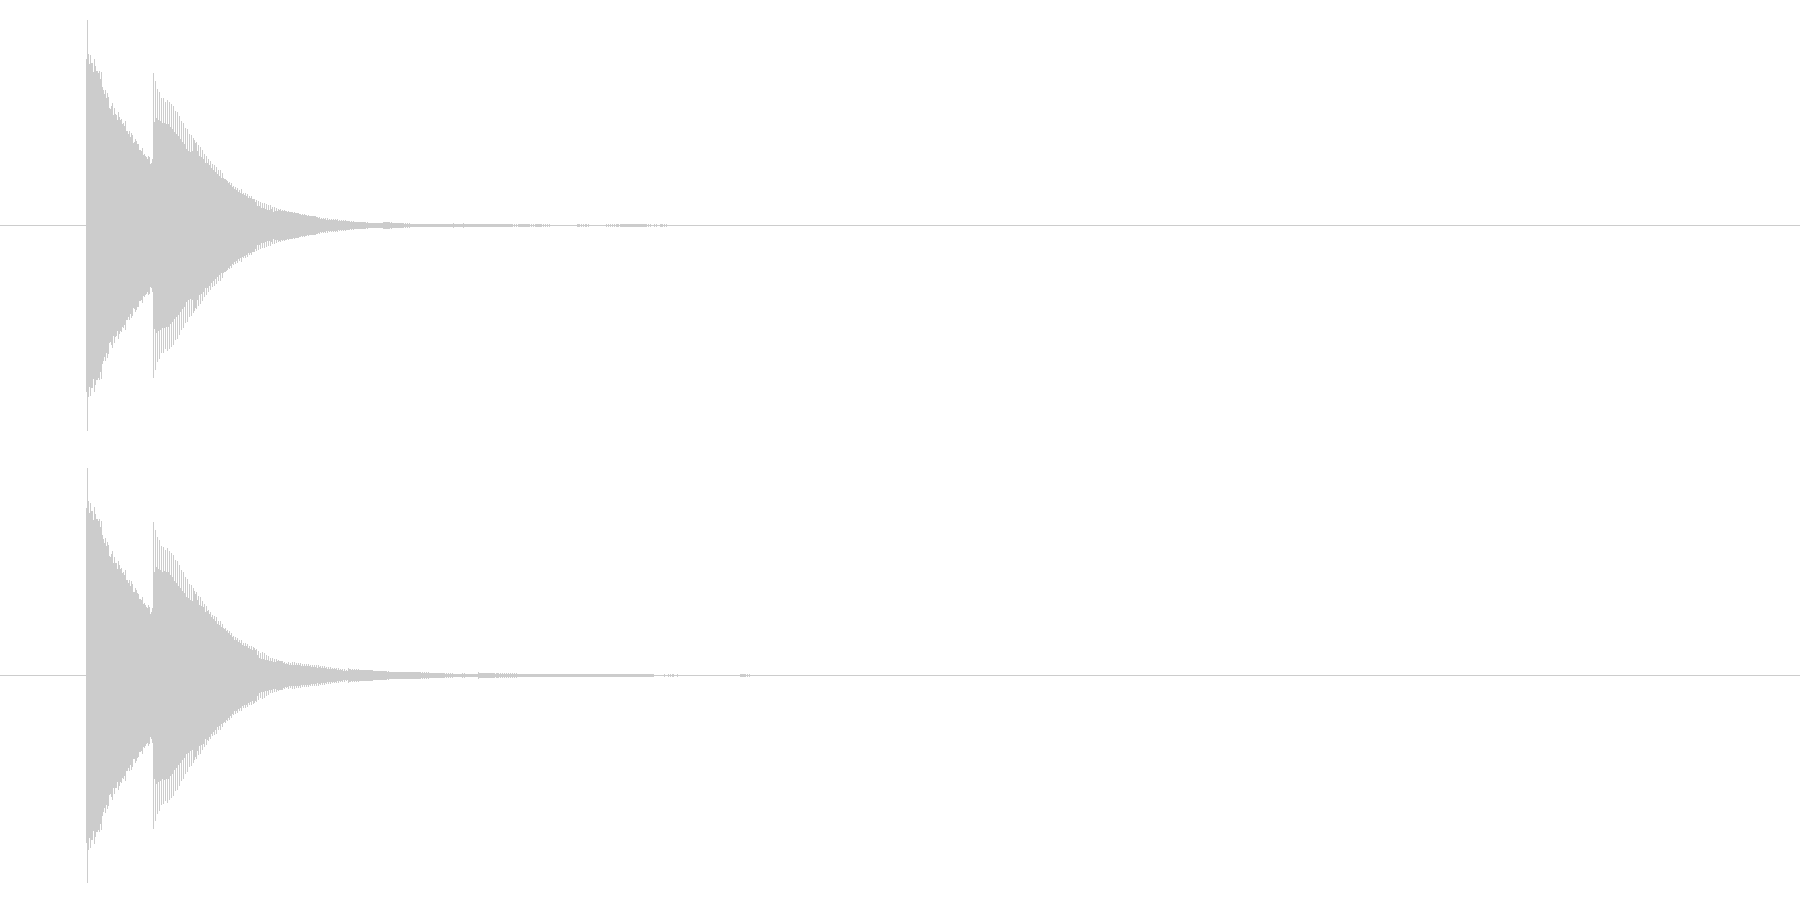 ピンポン(正解)05の未再生の波形